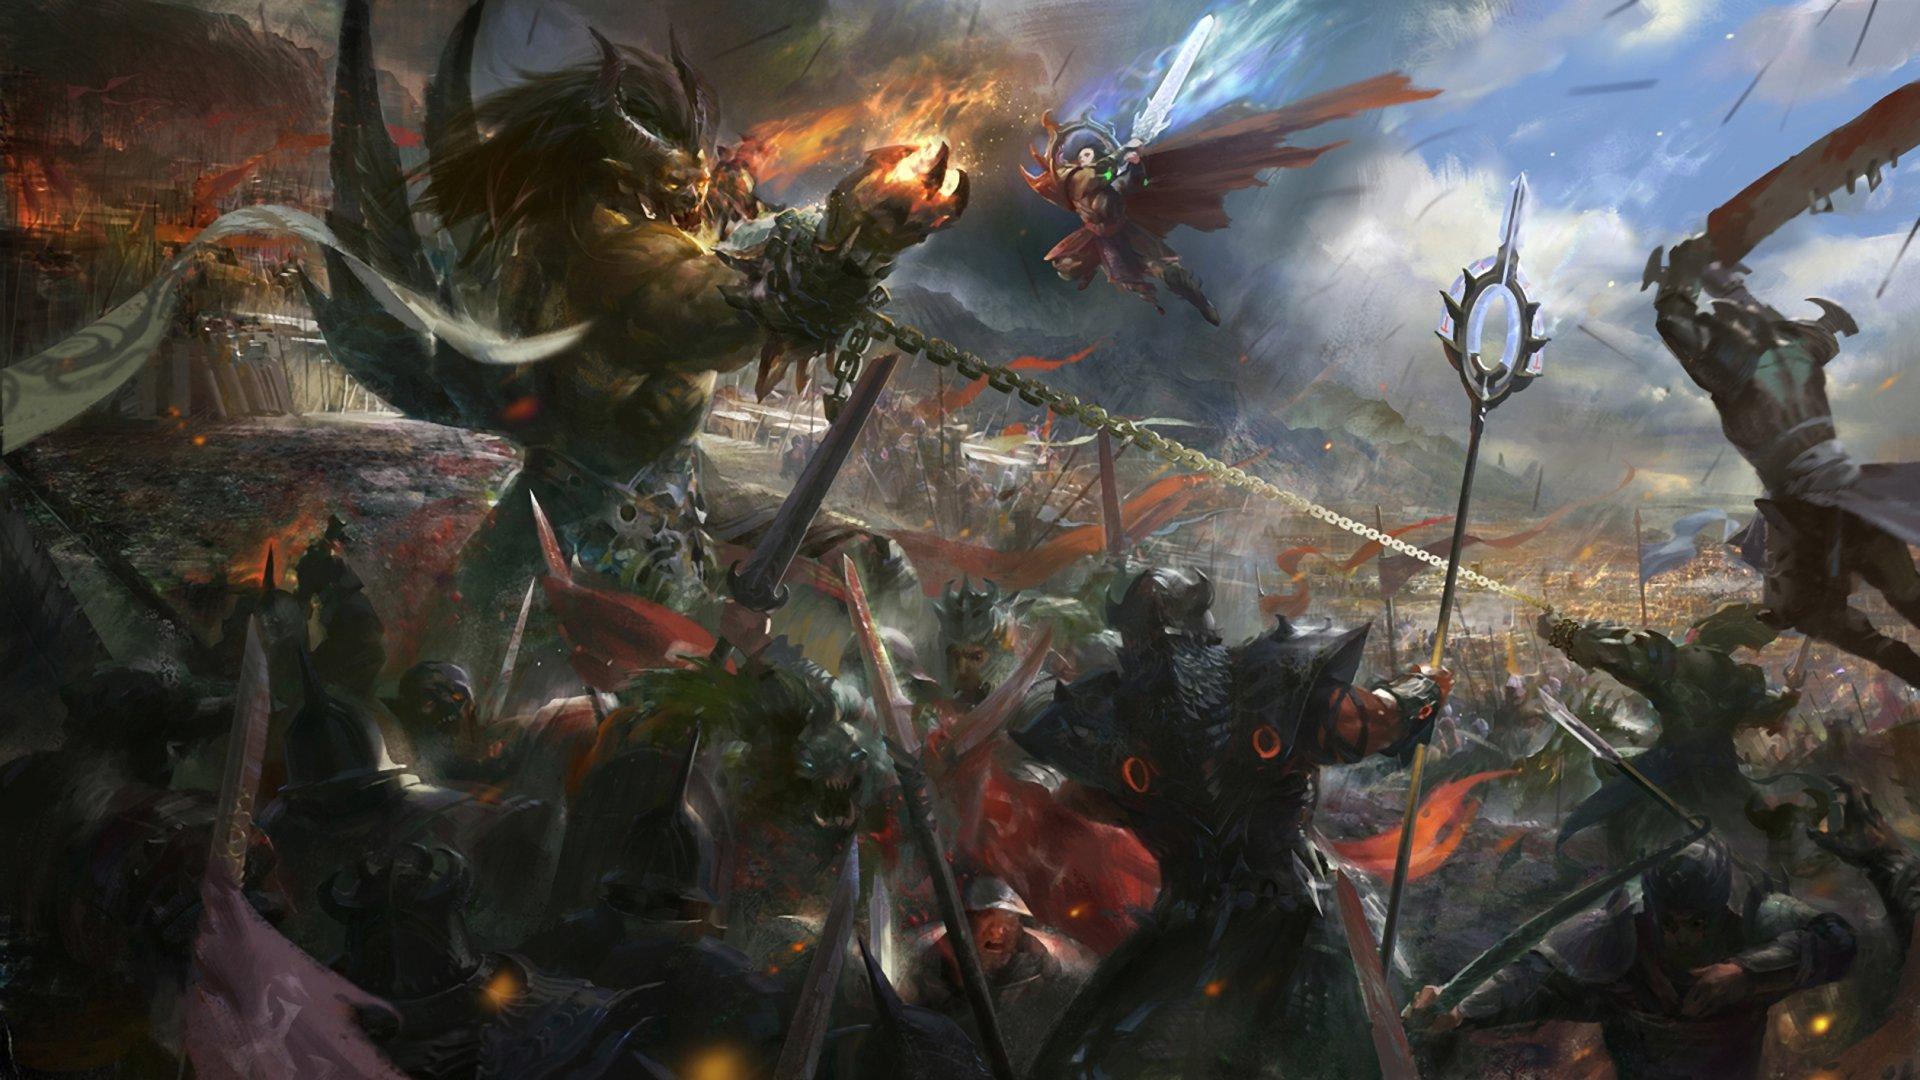 Добро и зло битва война загрузить